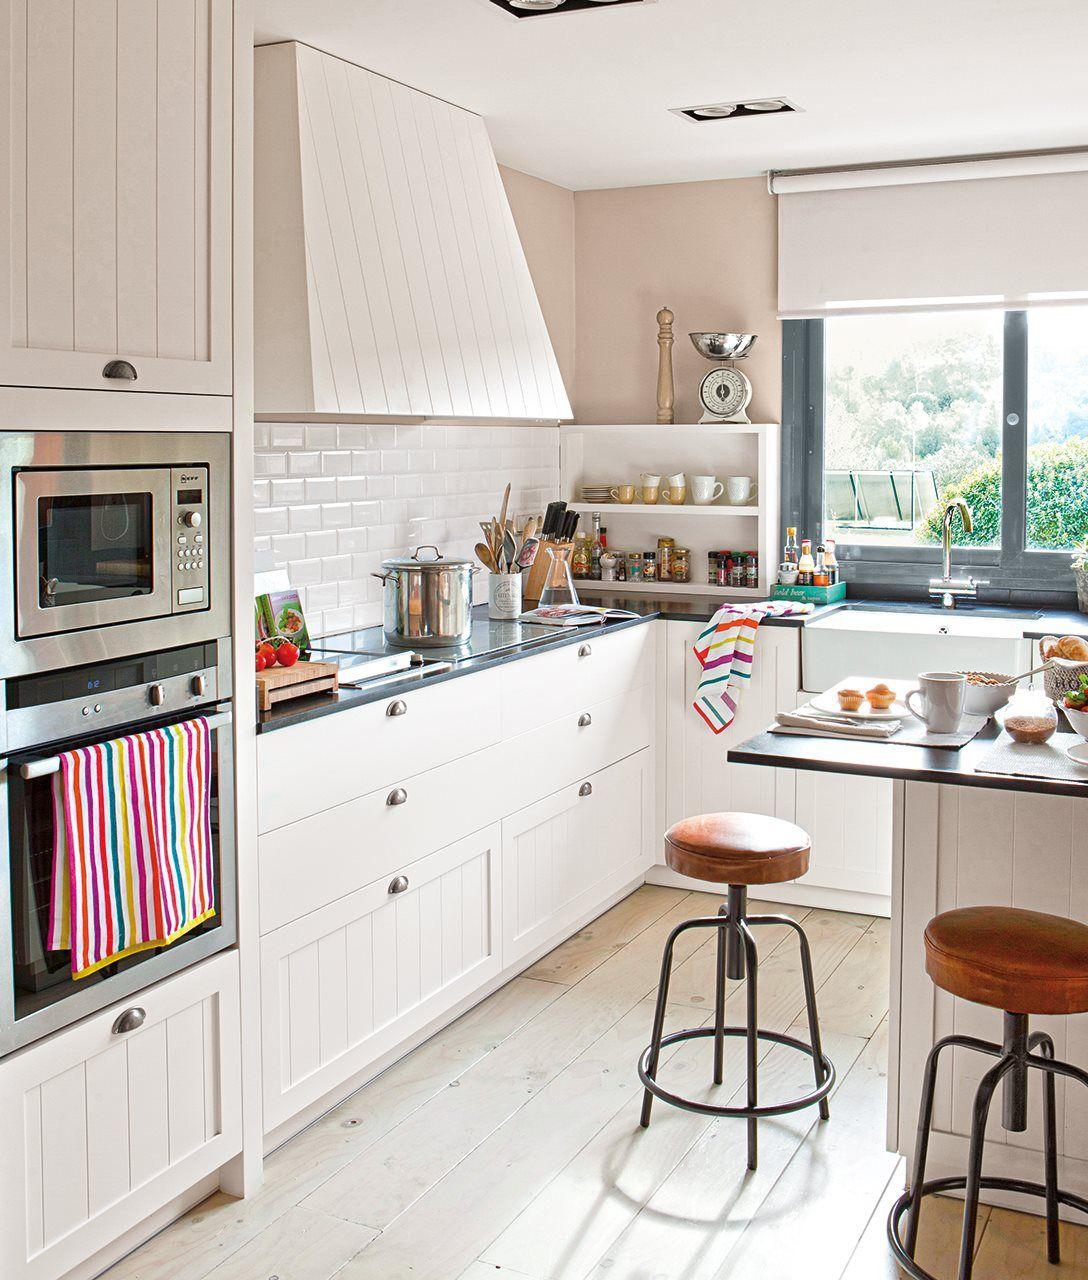 10 Cocinas Pequenas Con Maxi Ideas Decoracion De Cocina Cocinas